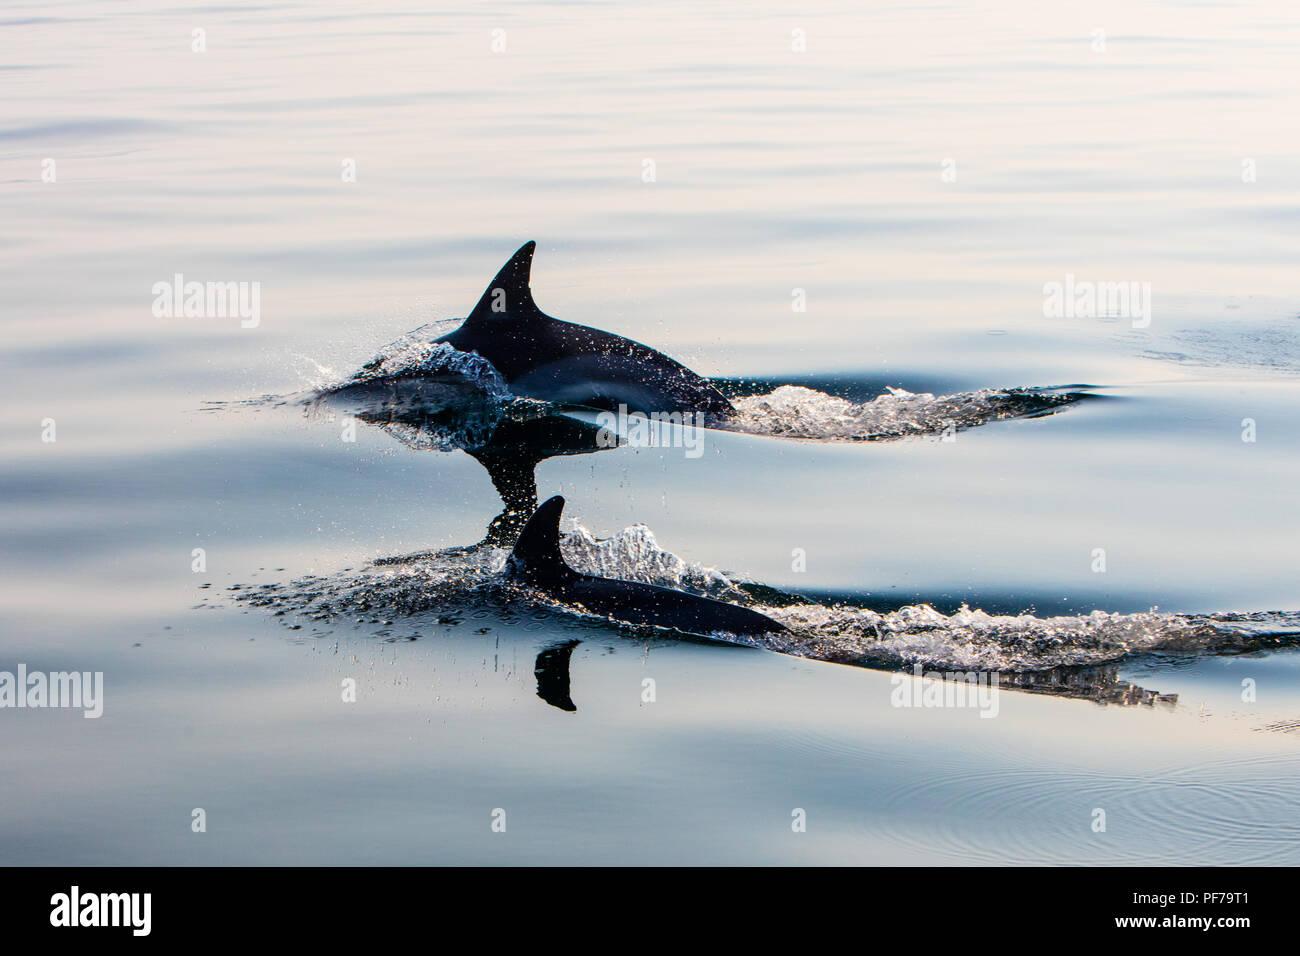 Ein paar schnell und wendig Short-Beaked Gemeine Delfine, Delphinus delphis, Schwimmen in den Nordatlantik aus Cape Cod, Massachusetts. Stockbild